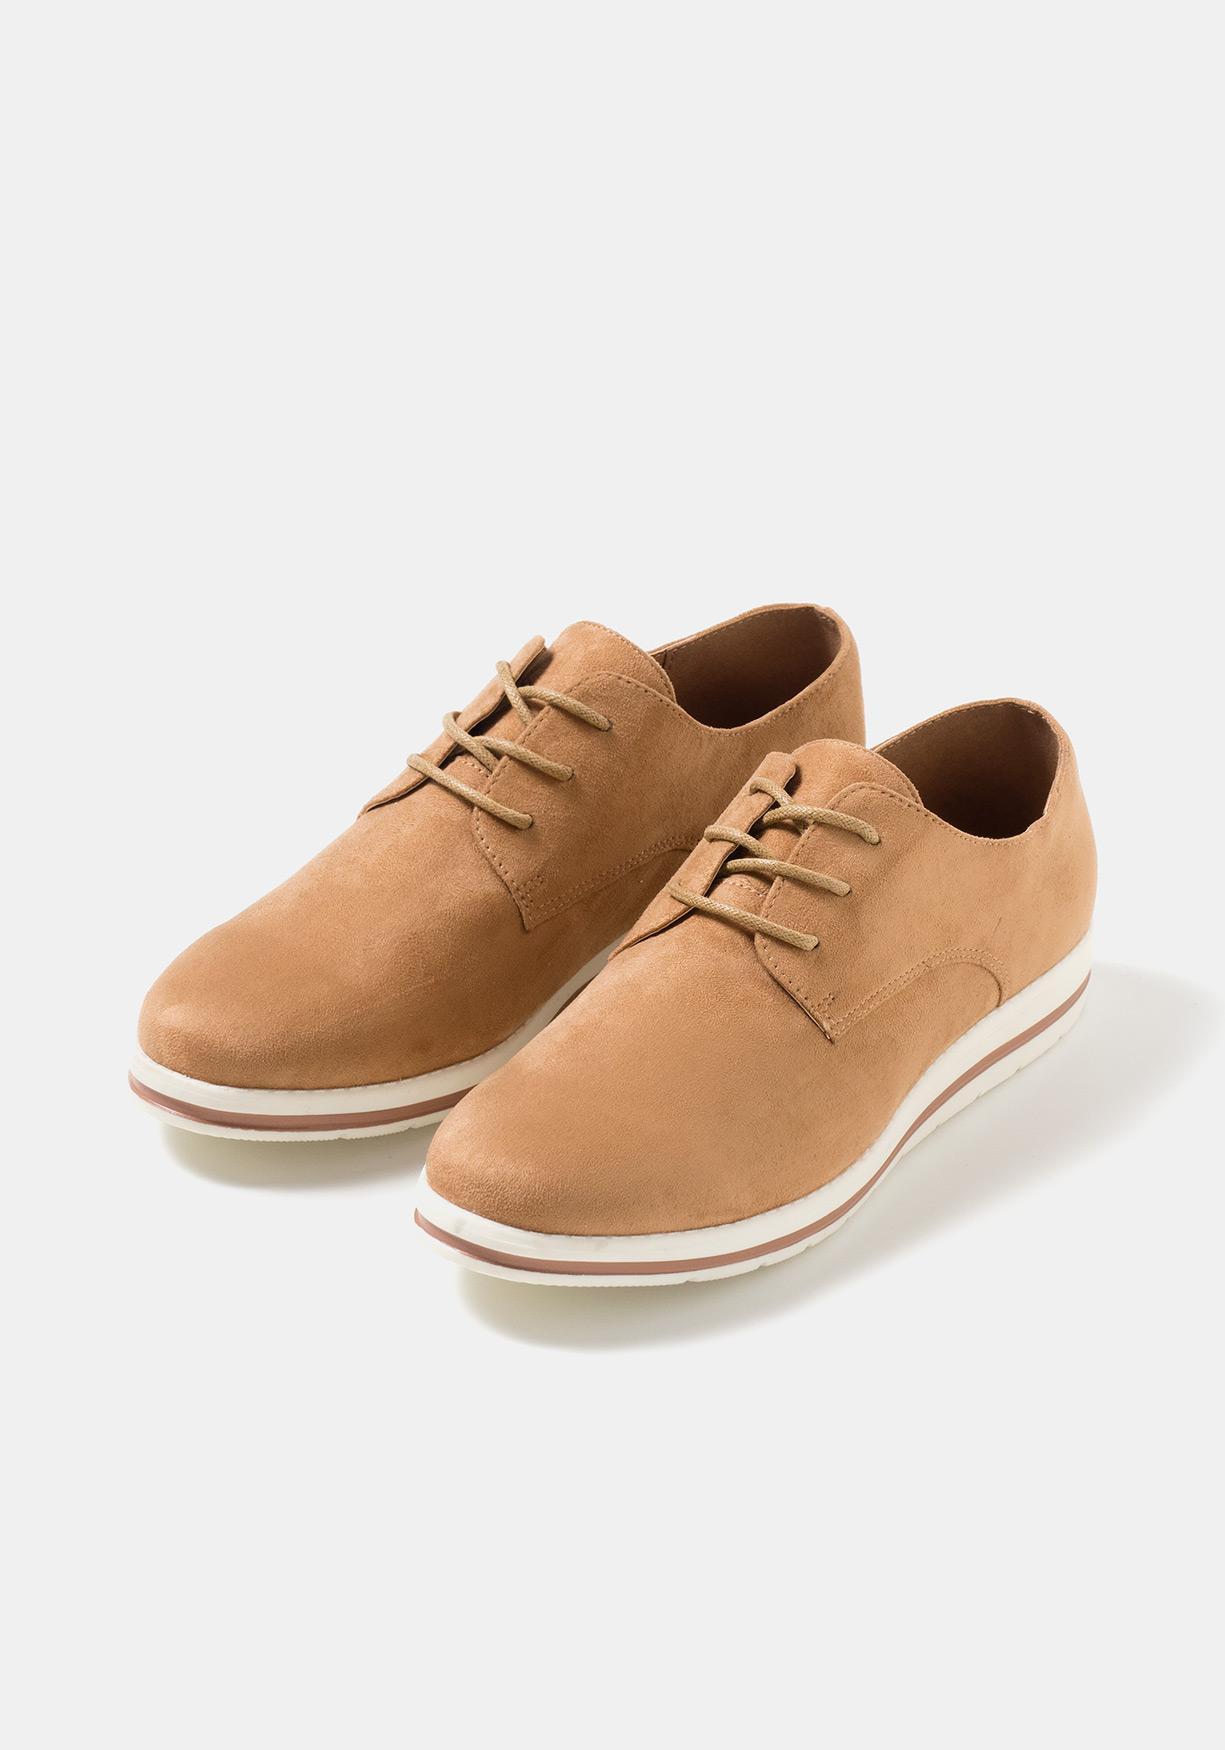 Comprar Zapatos de cordones TEX. ¡Aprovéchate de nuestros precios y ... 8517a3f42562